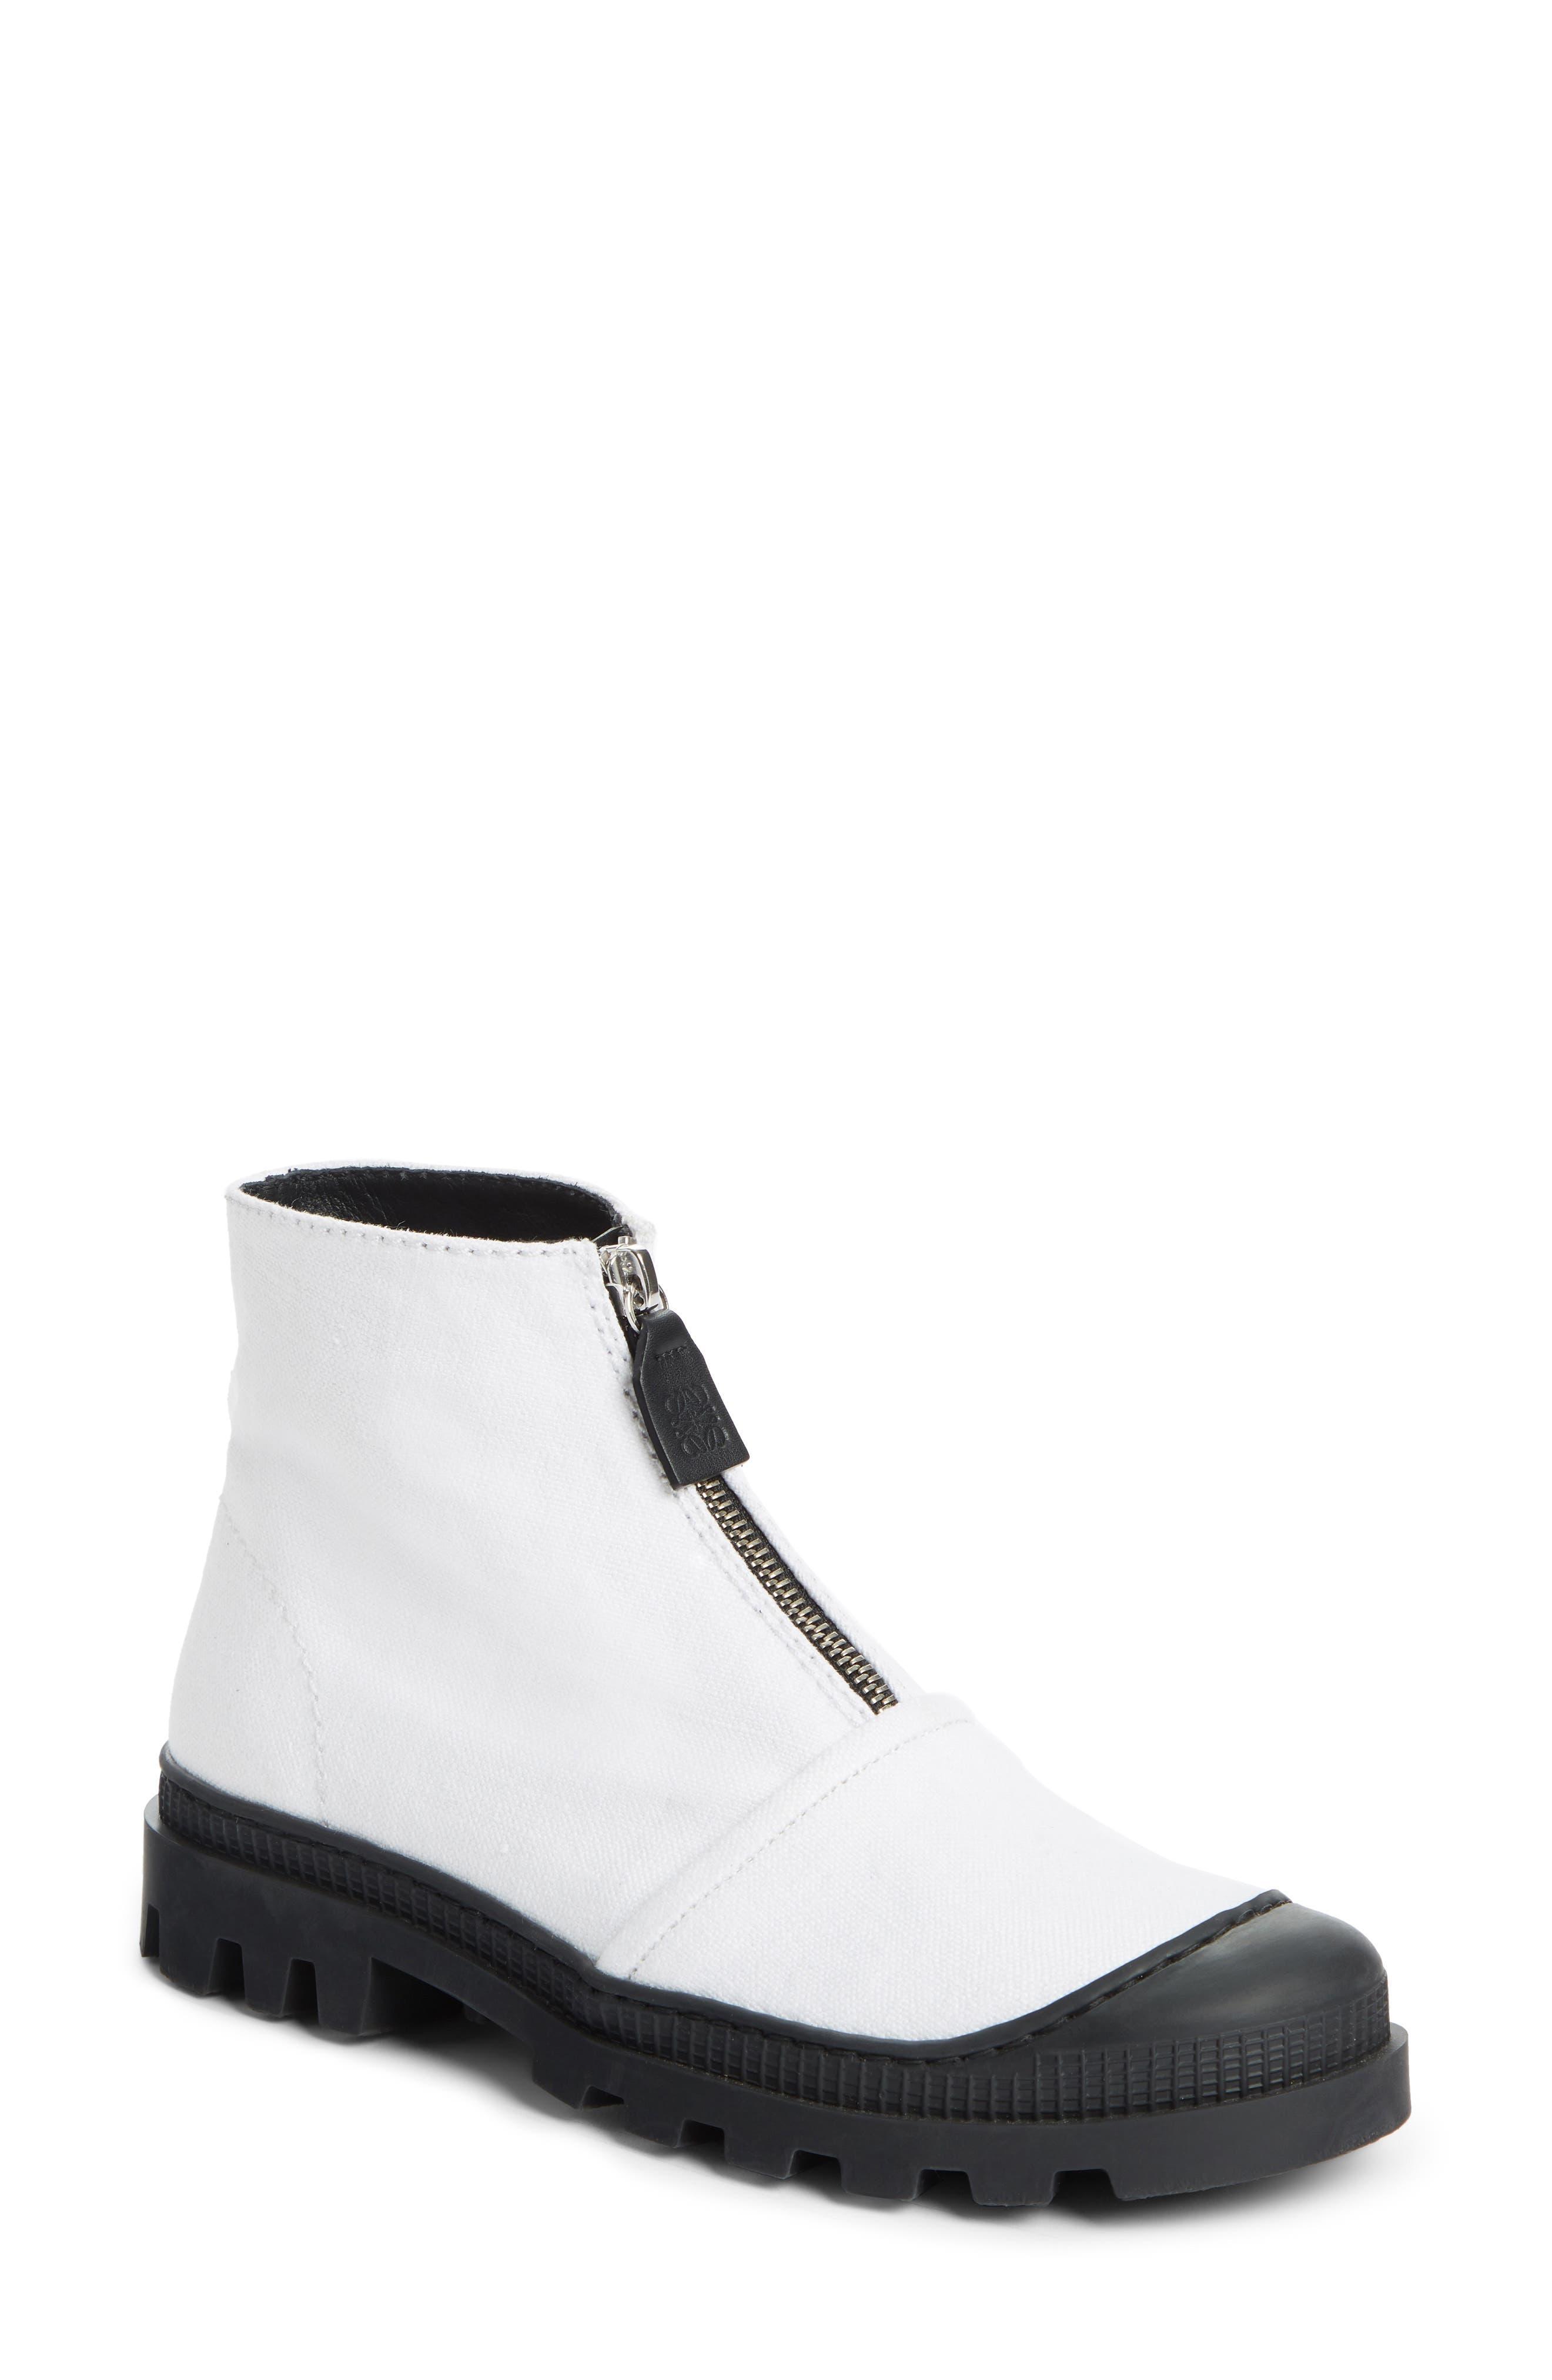 Loewe Front Zip Bootie - White